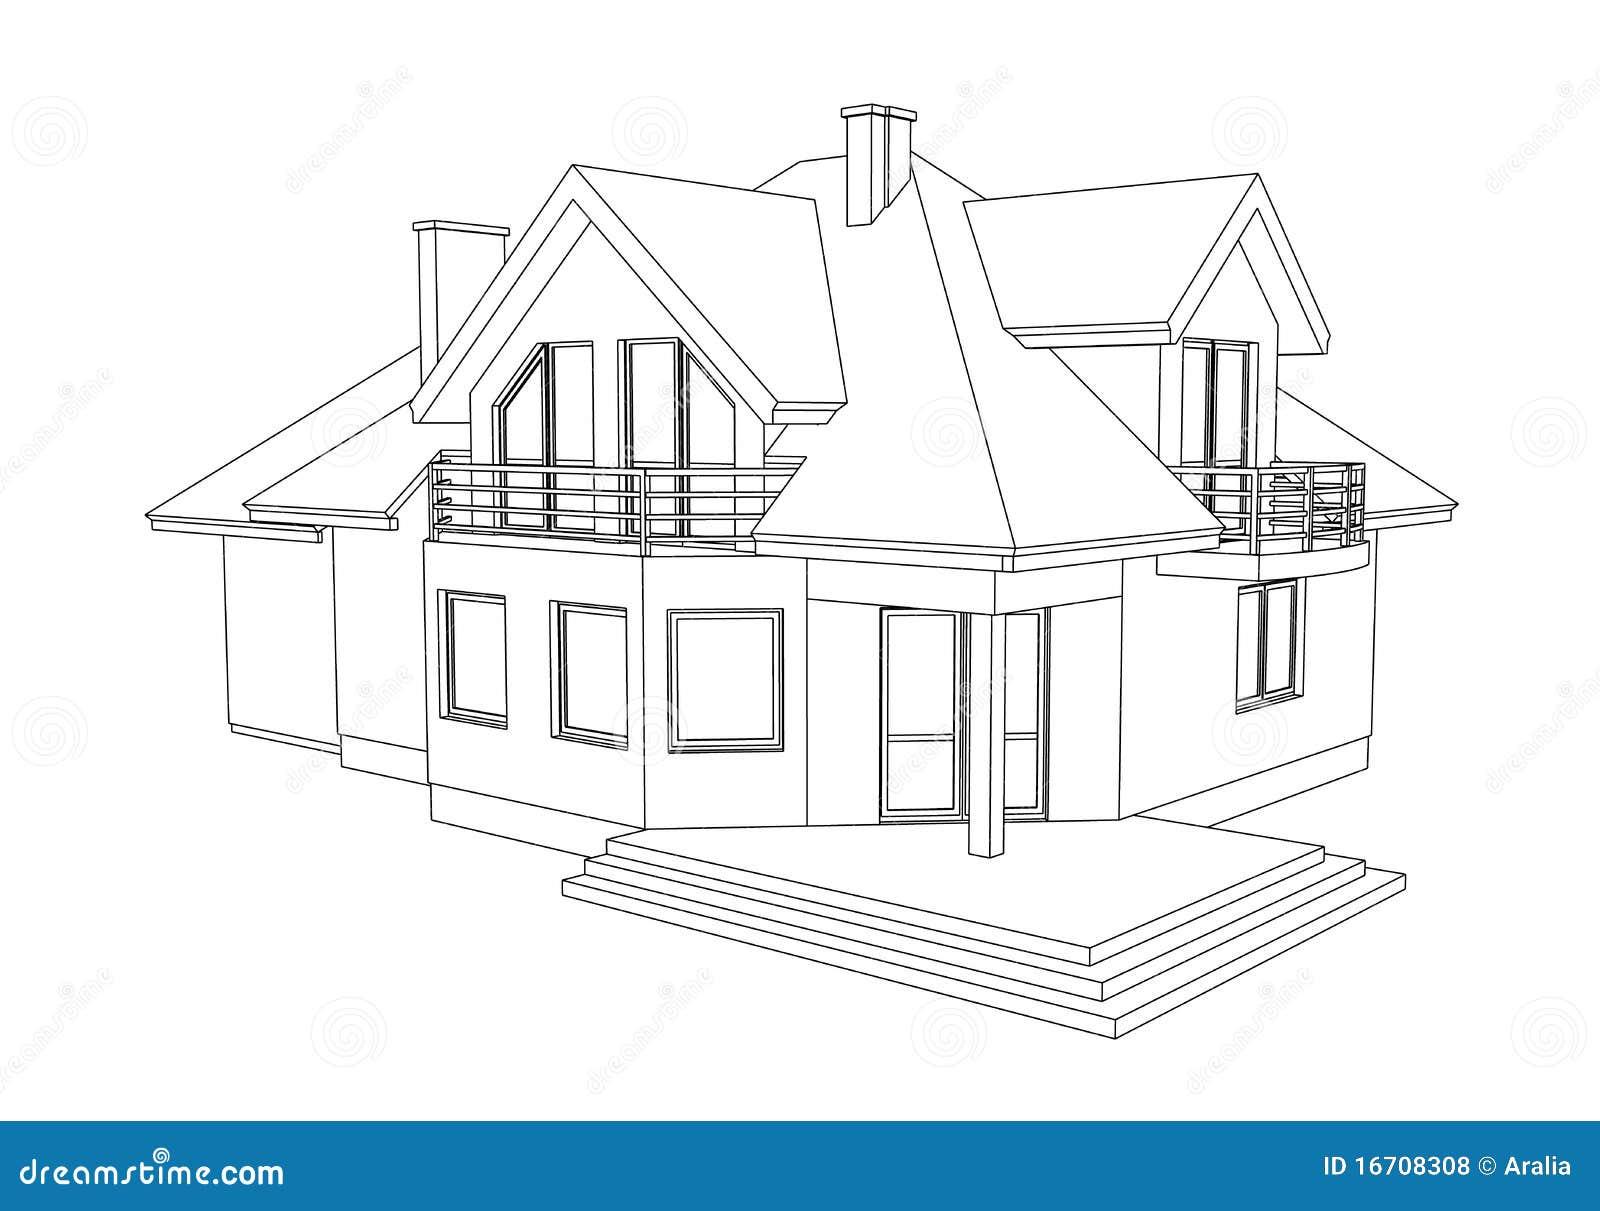 Tekening van een huis royalty vrije stock foto 39 s afbeelding 16708308 - De gevels van de huizen ...